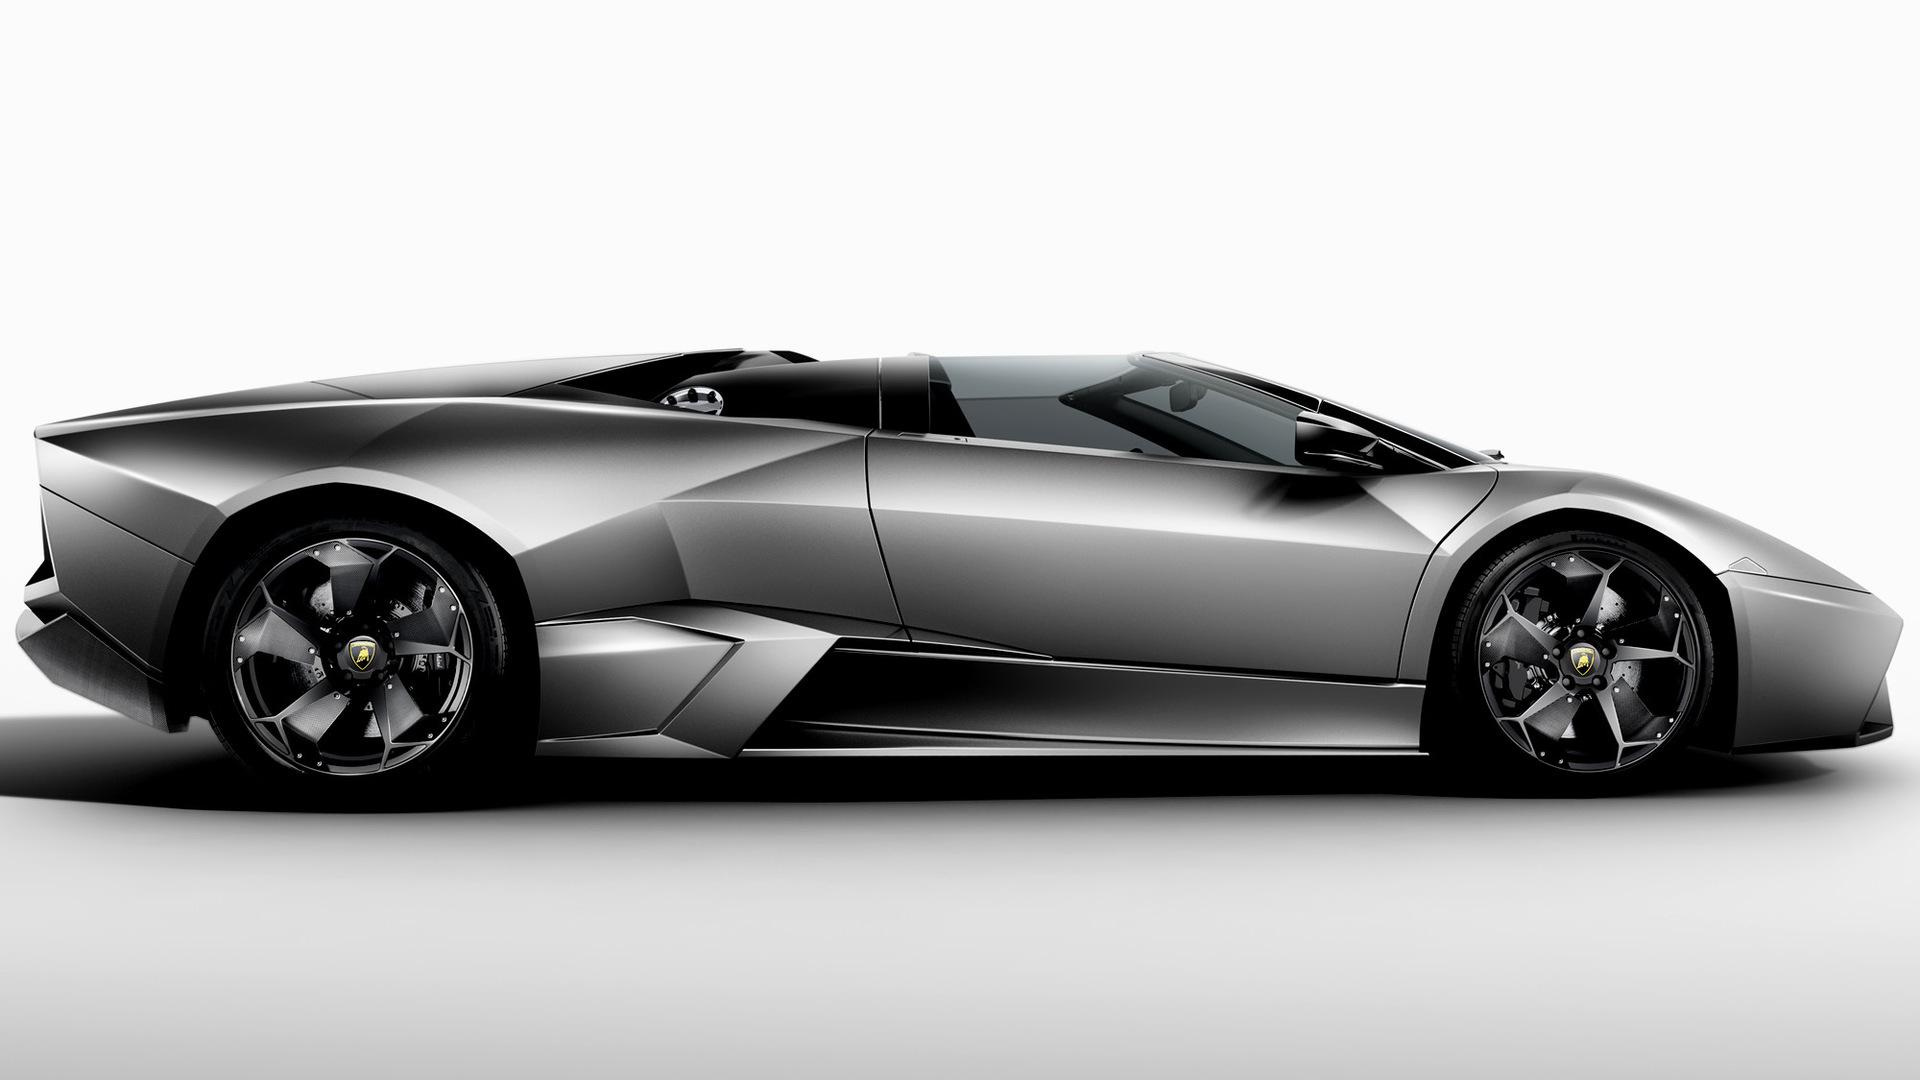 Lamborghini Reventon Roadster (2009) Wallpapers And HD